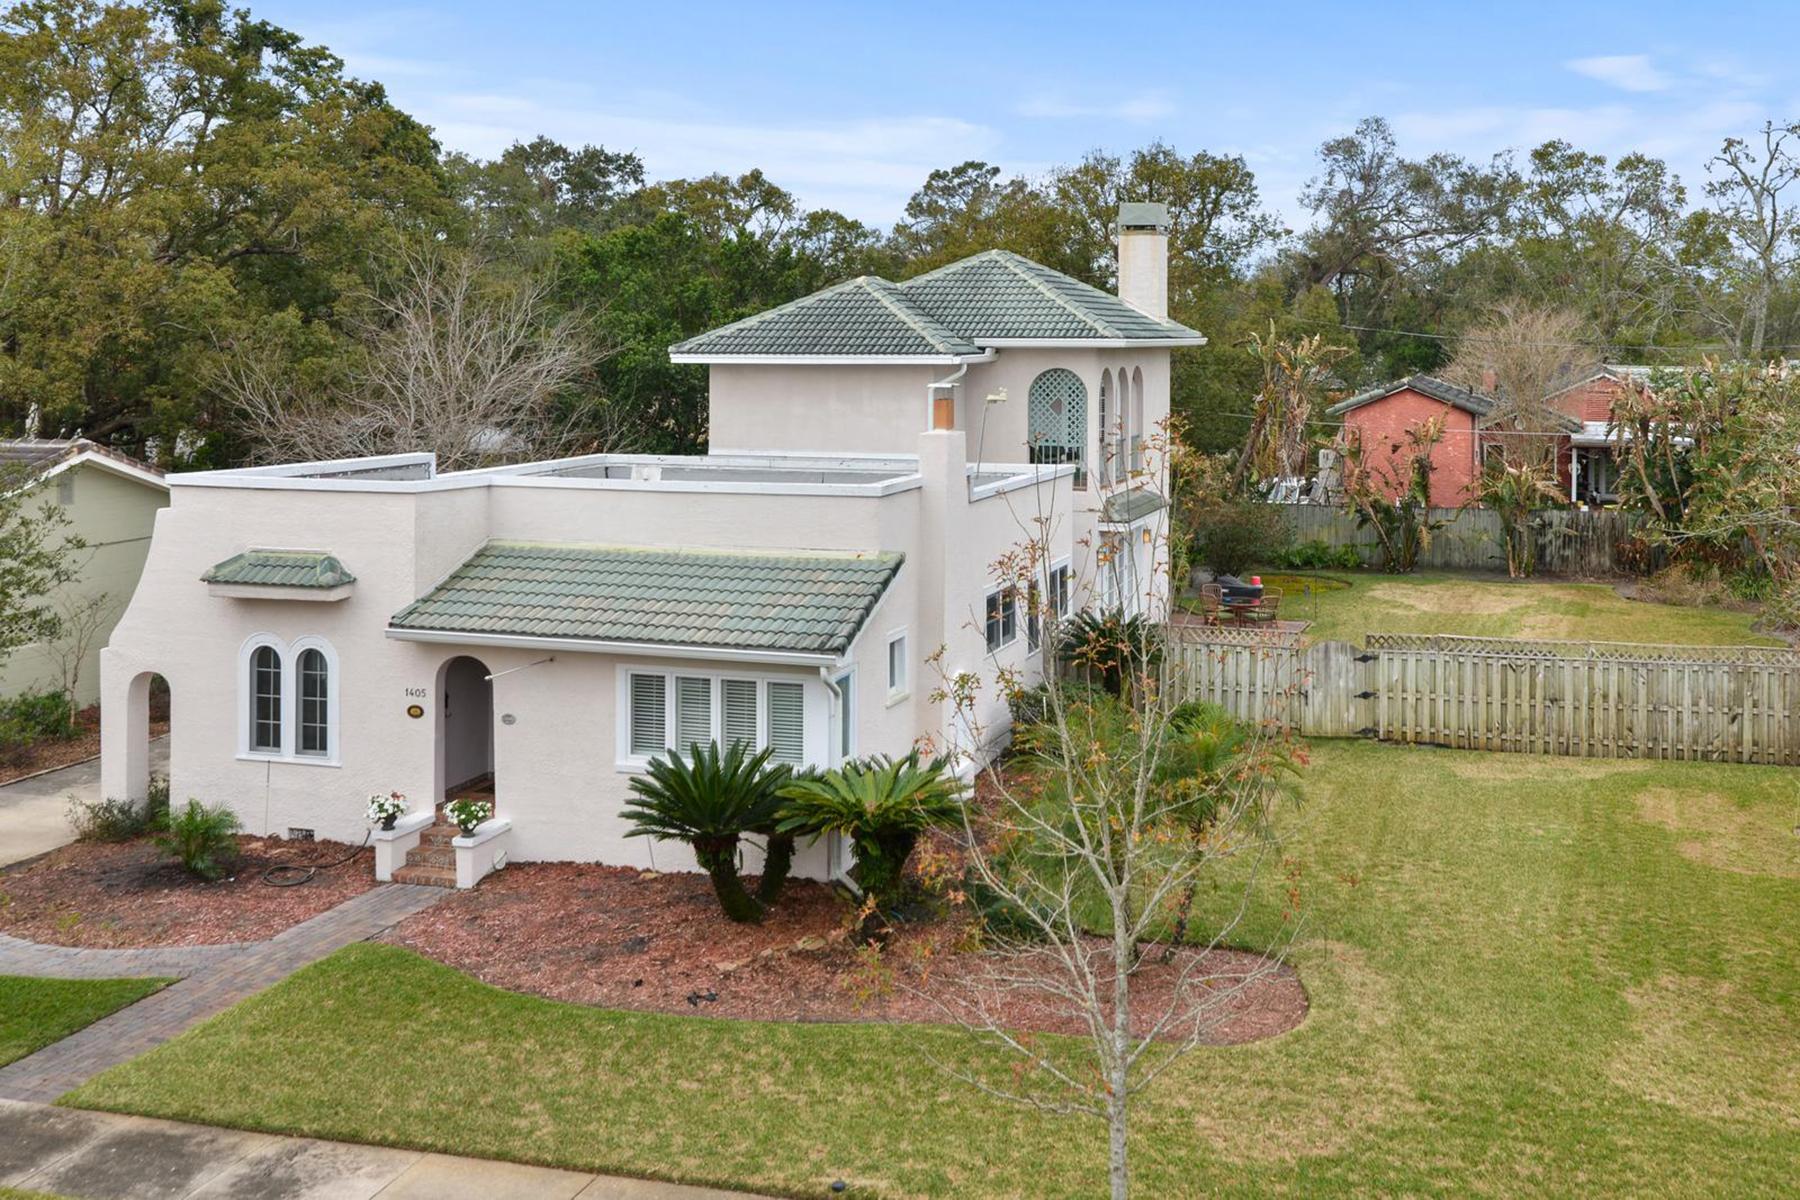 Maison unifamiliale pour l à vendre à 1405 Pelham Rd , Winter Park, FL 32789 1405 Pelham Rd, Winter Park, Florida, 32789 États-Unis